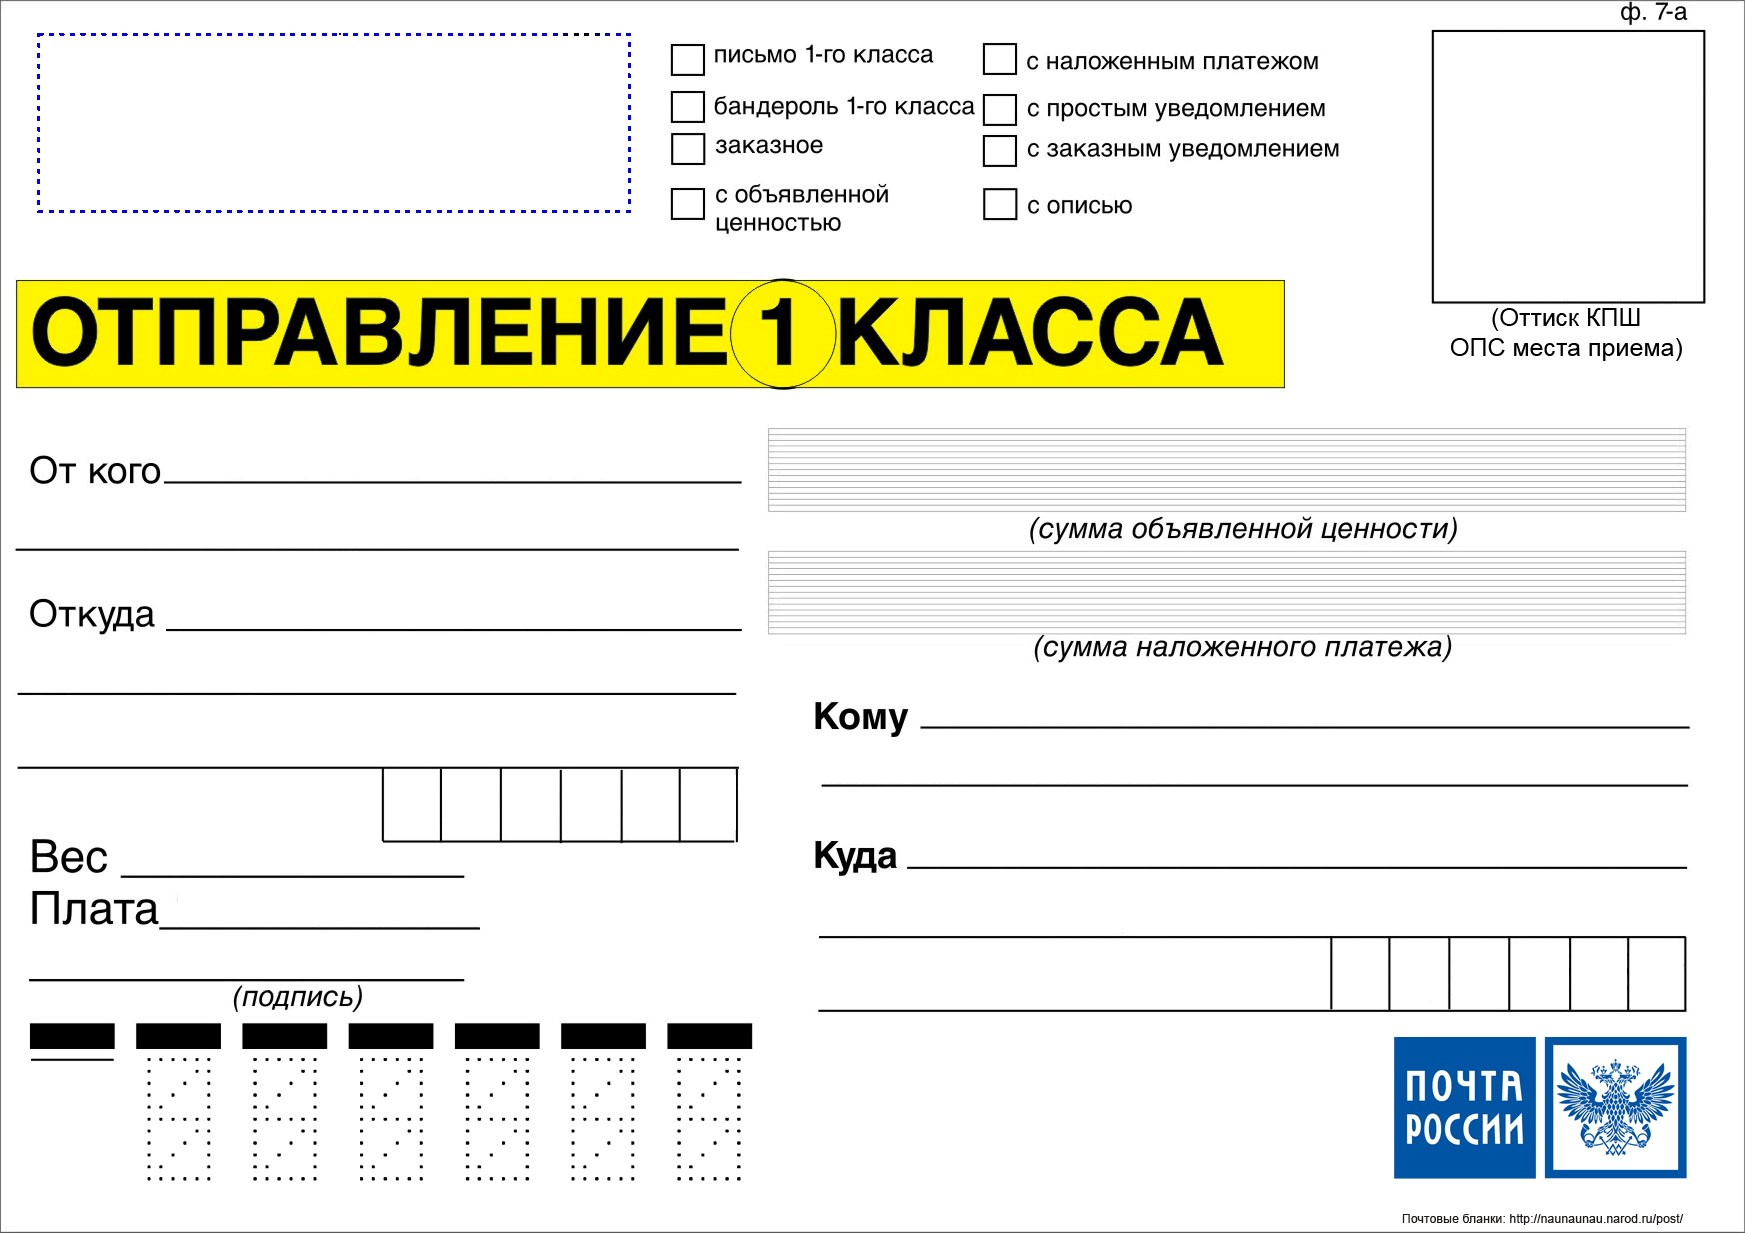 Печать почтовых бланков в Москве | фото 1